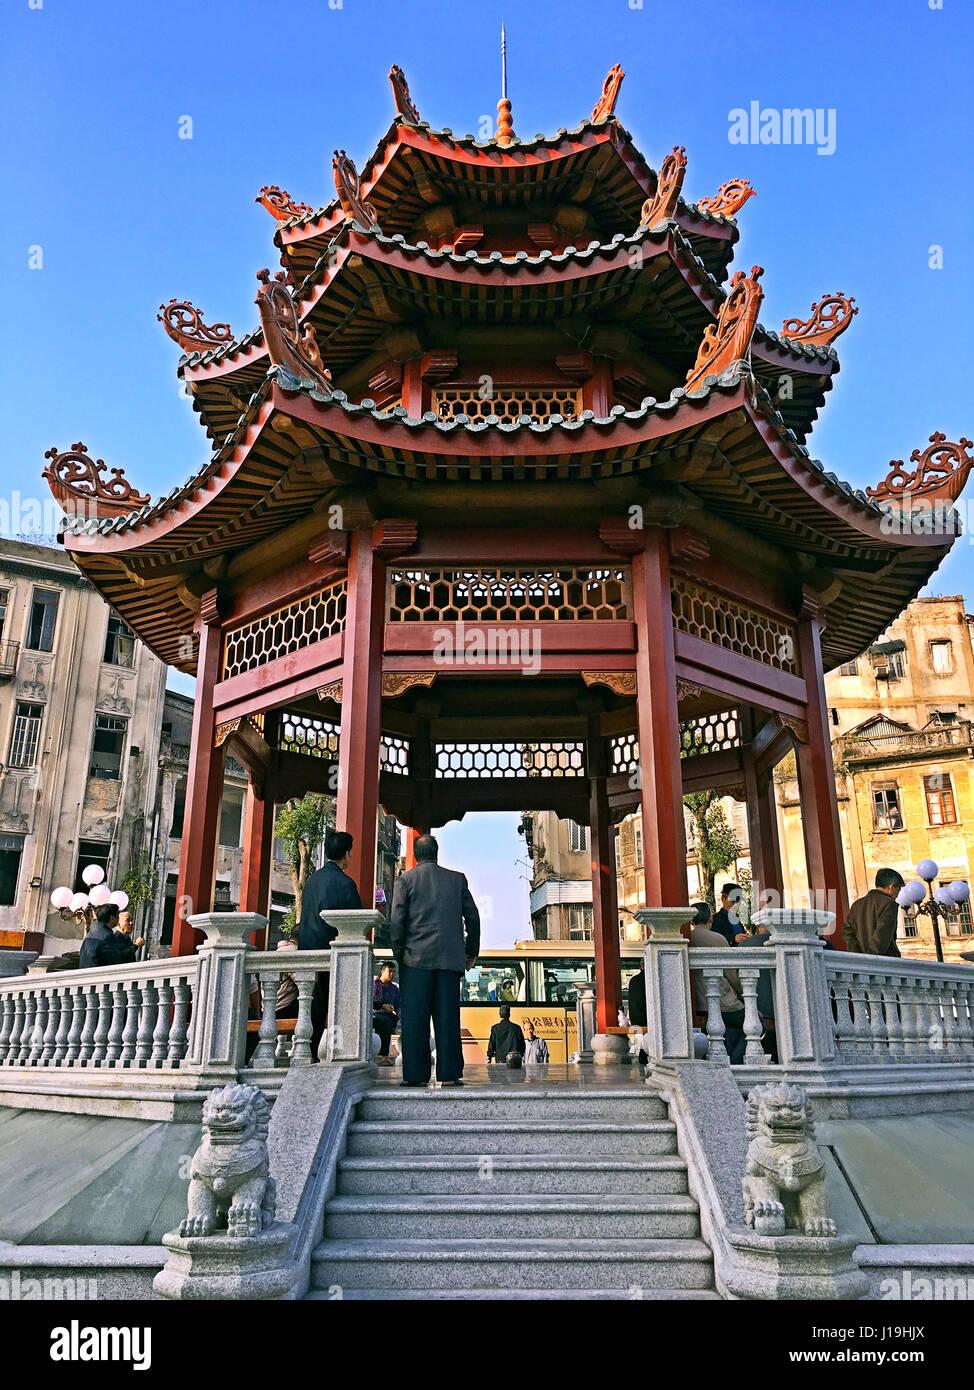 Shantou China Photos & Shantou China Images - Alamy